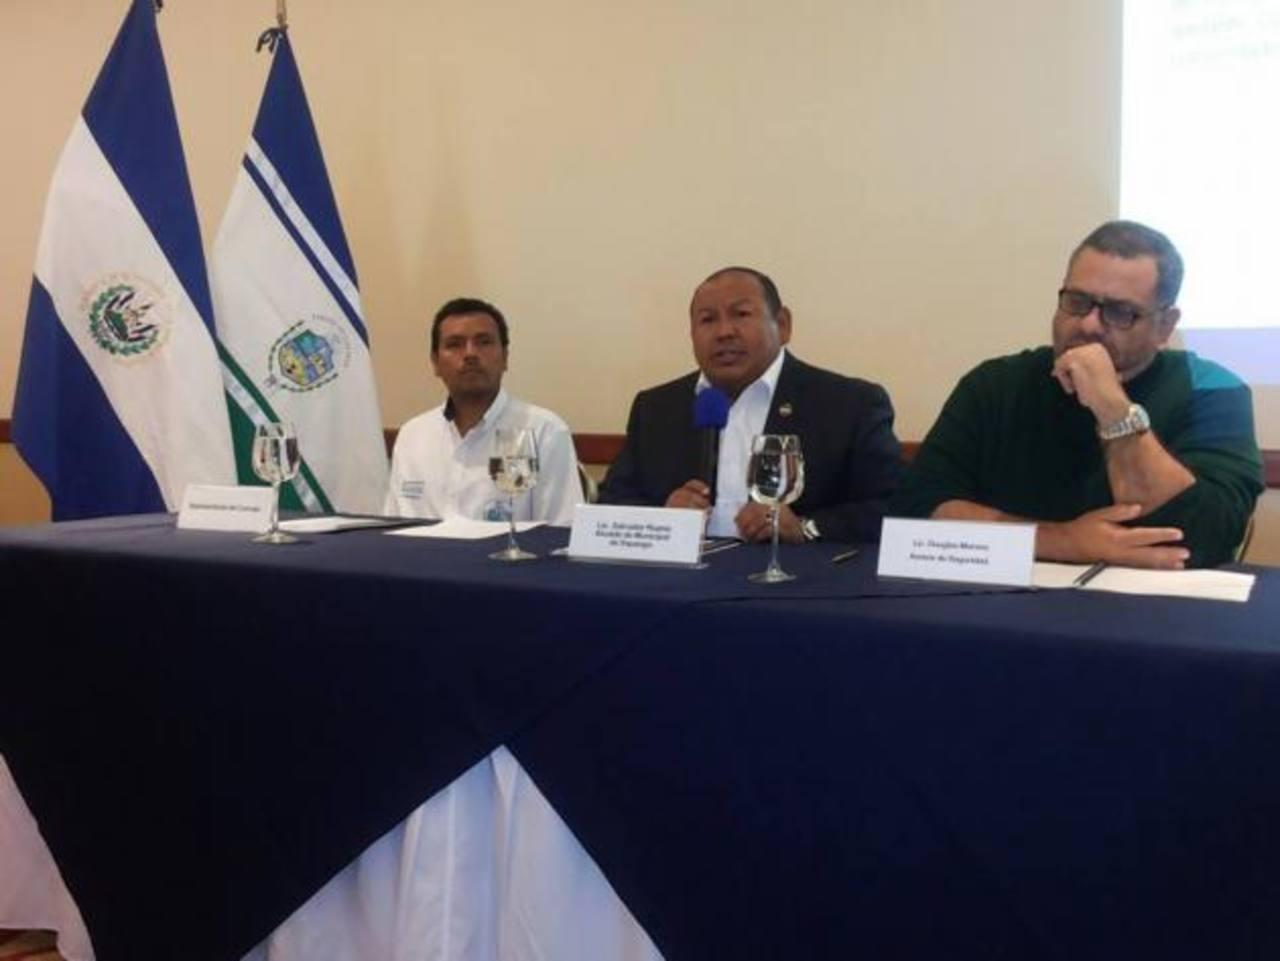 El alcalde Salvador Ruano, explicó los detalles de esta iniciativa que busca una cultura de paz. Foto edh / cortesía